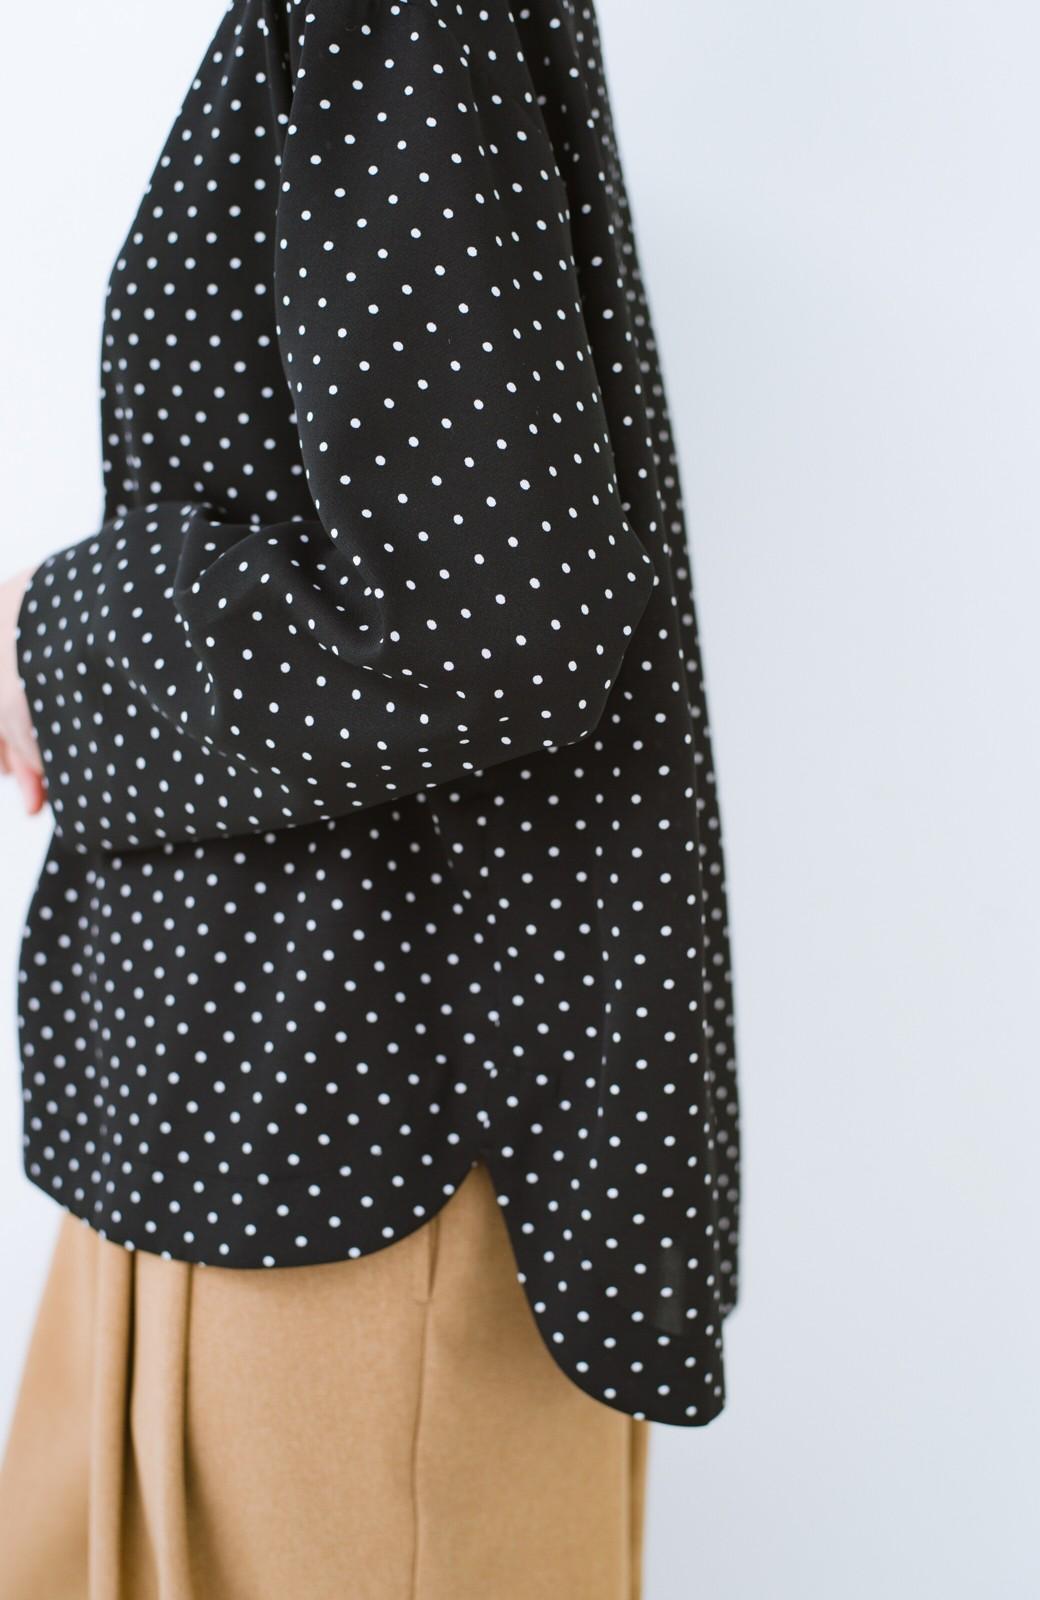 haco! パッと着て上品&きれい やっぱり便利なドットTブラウス <ブラック系その他>の商品写真5